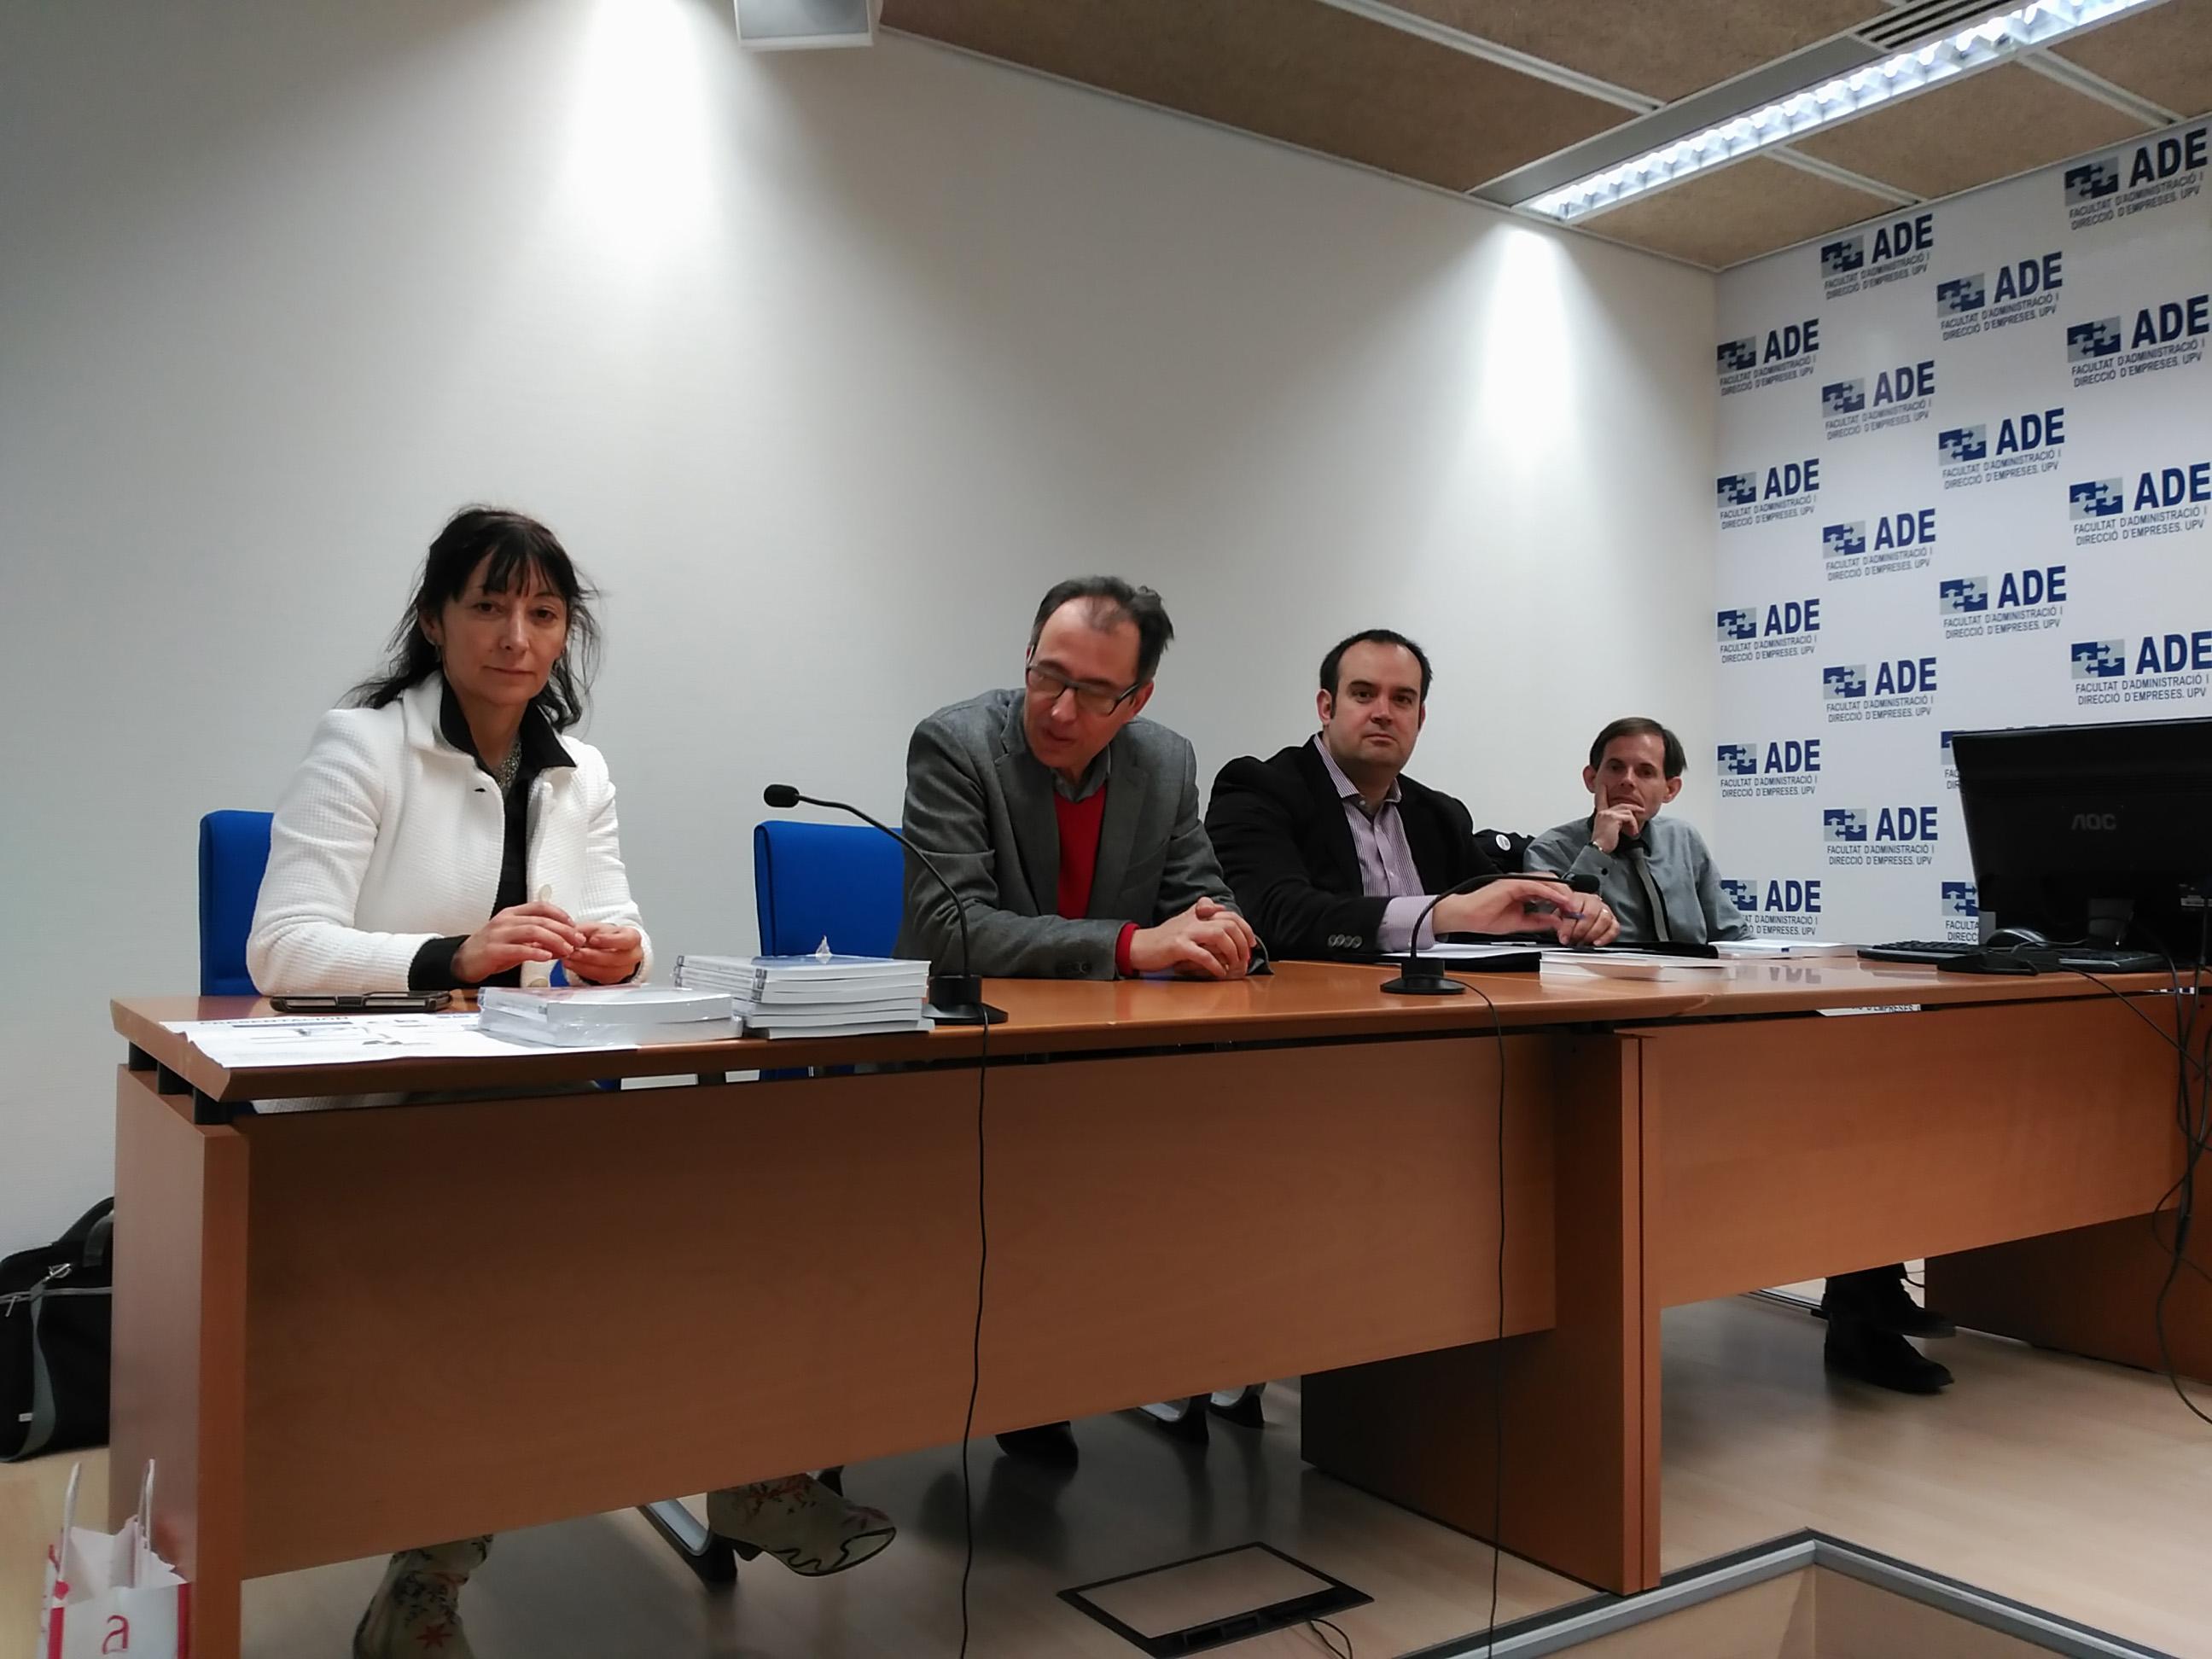 Presentación de los libros publicados por la Universidad Politécnica de Valencia y por el Aula de Infancia y Adolescencia.